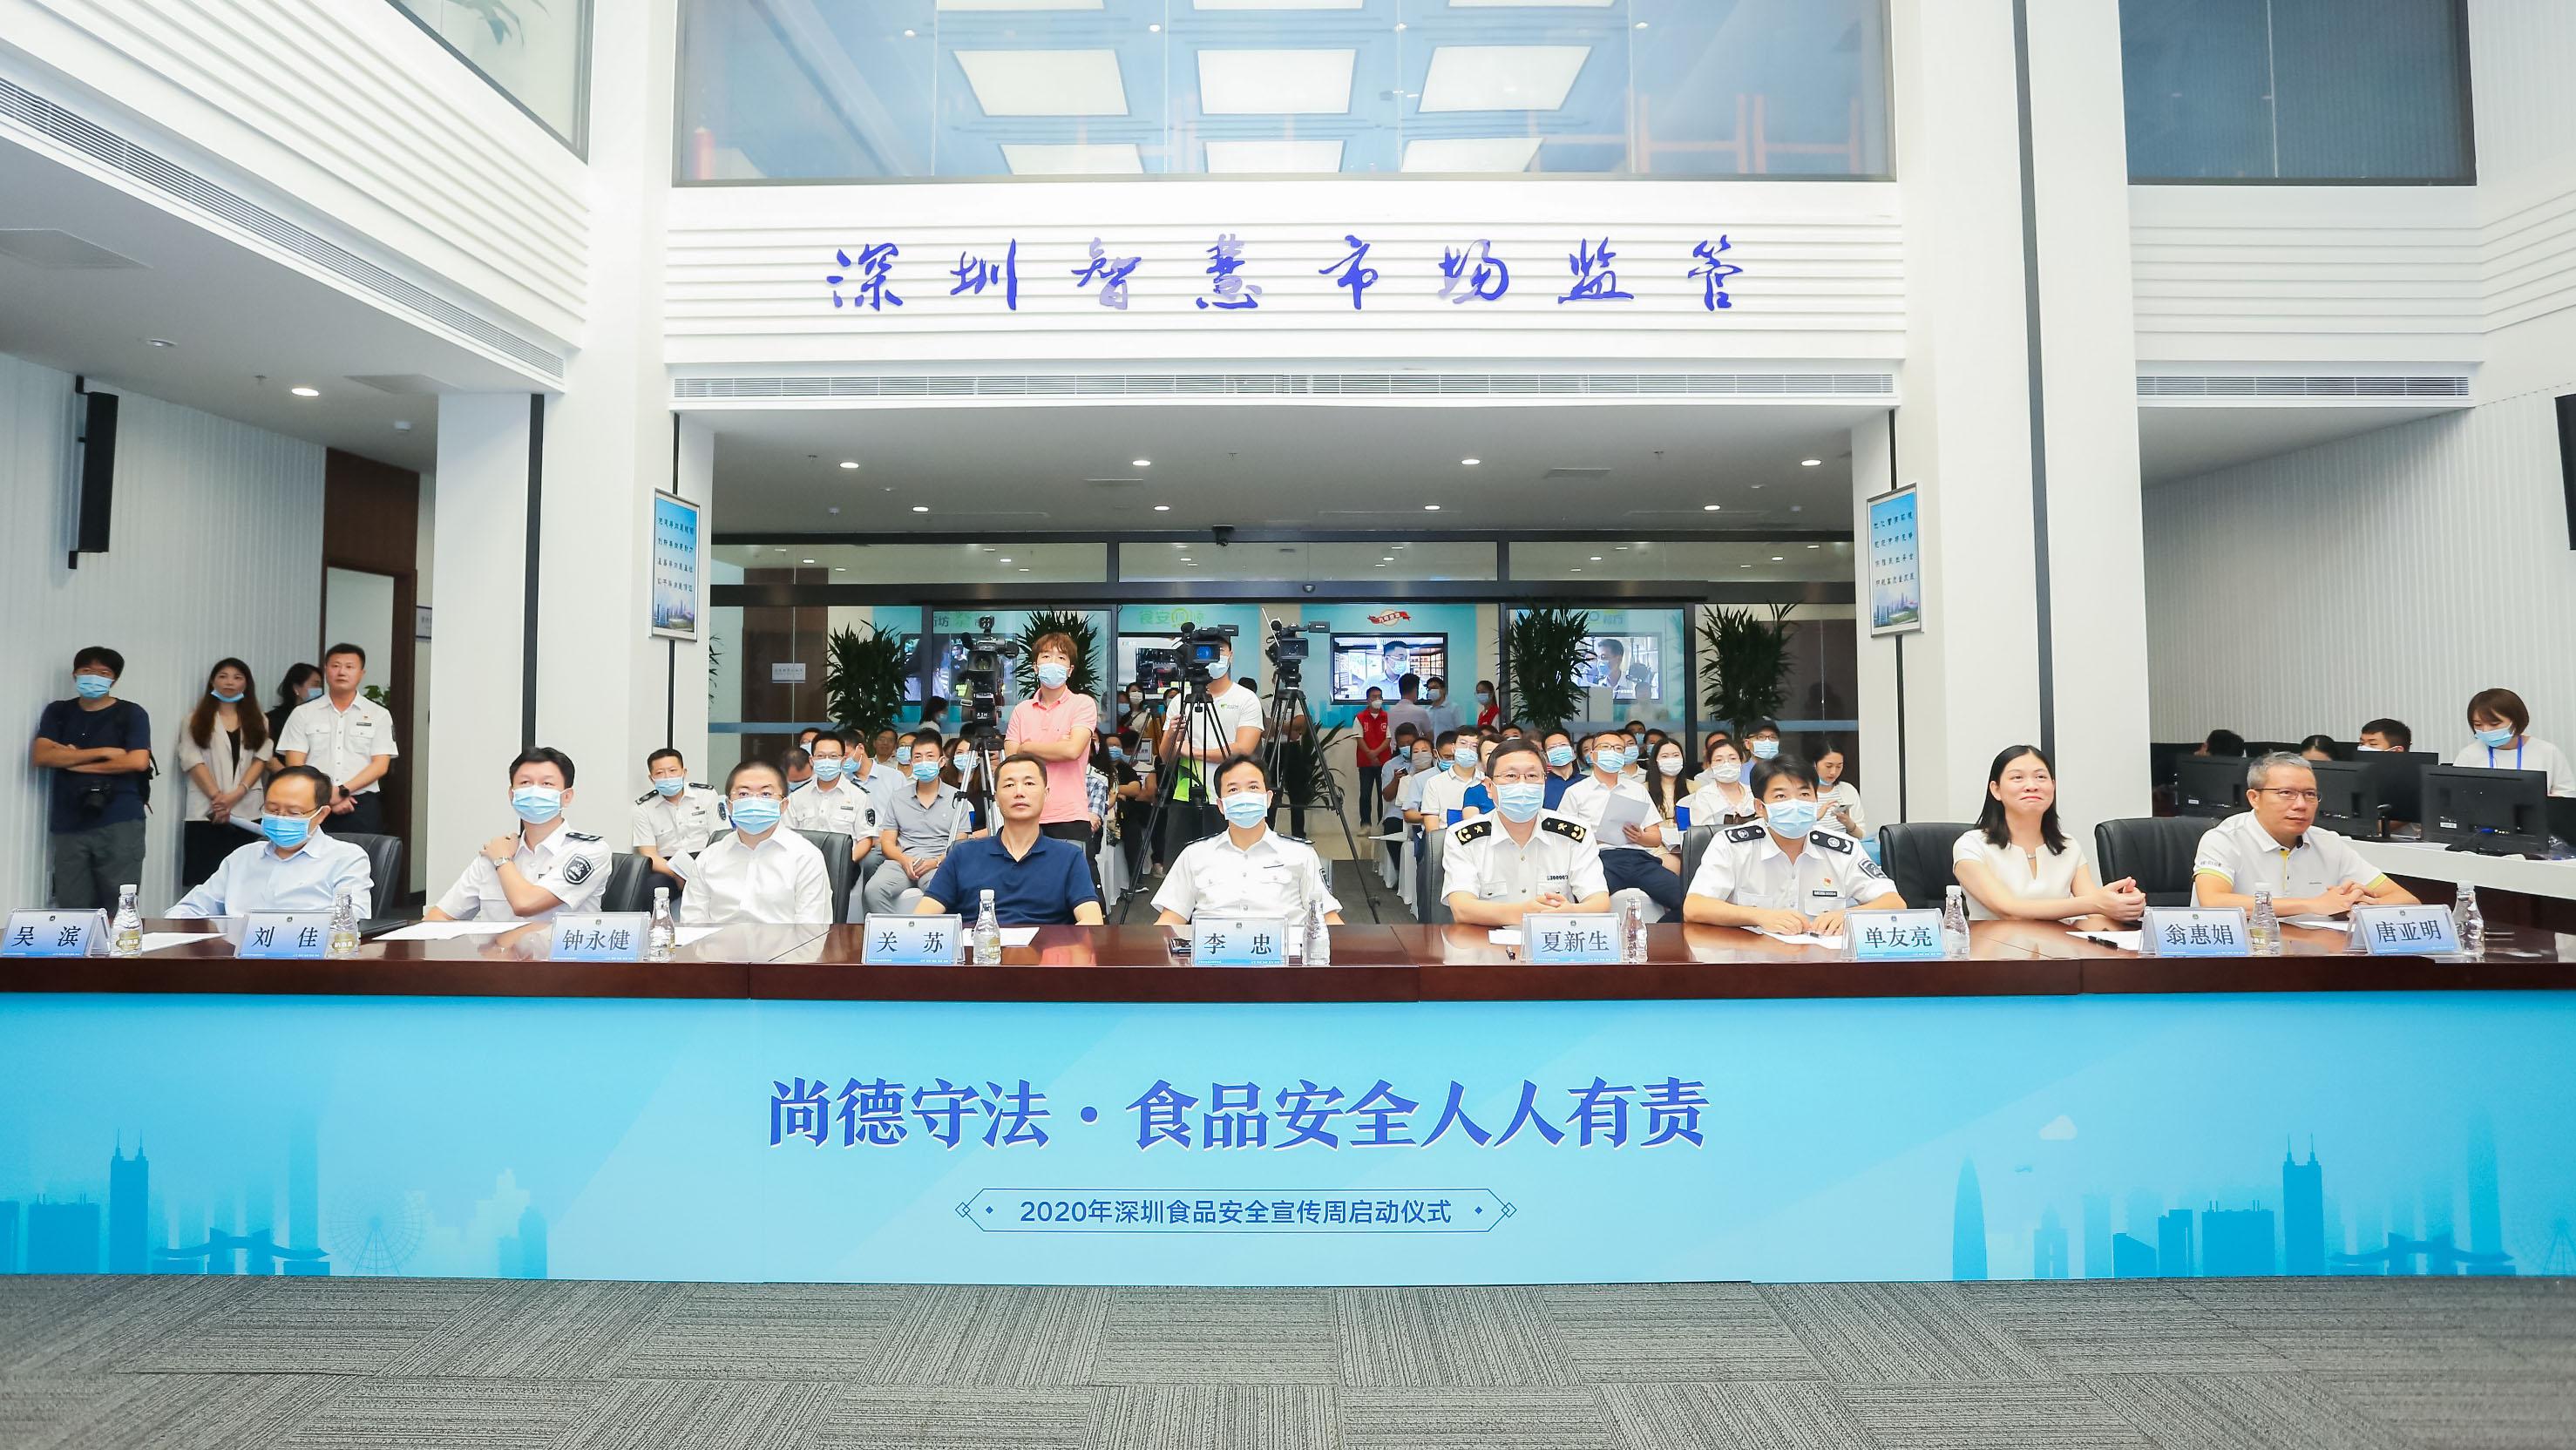 2020年深圳食品安全宣传周启动仪式